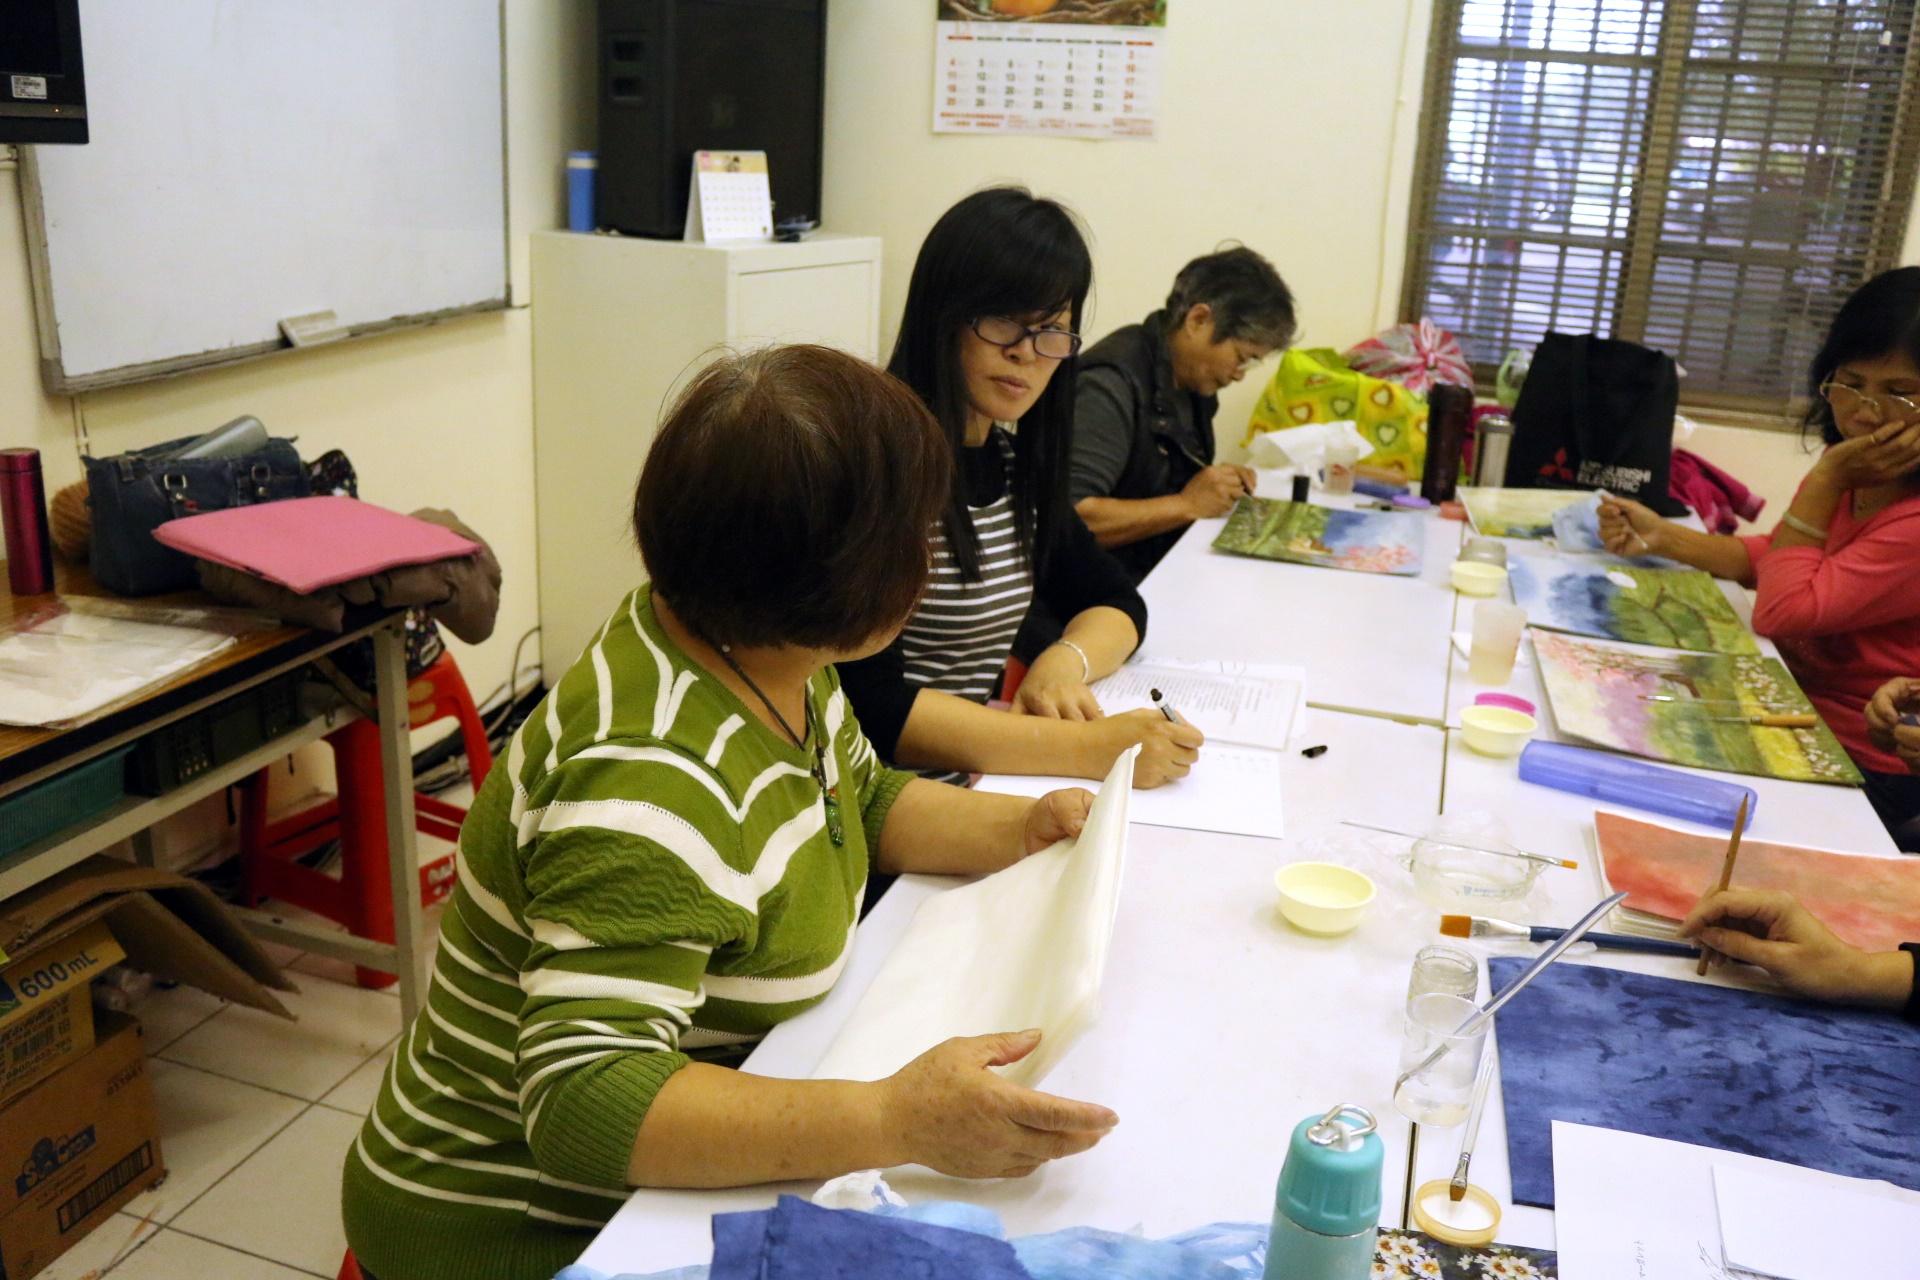 學員和老師互相交流彼此的想法。攝影/陳沛婍